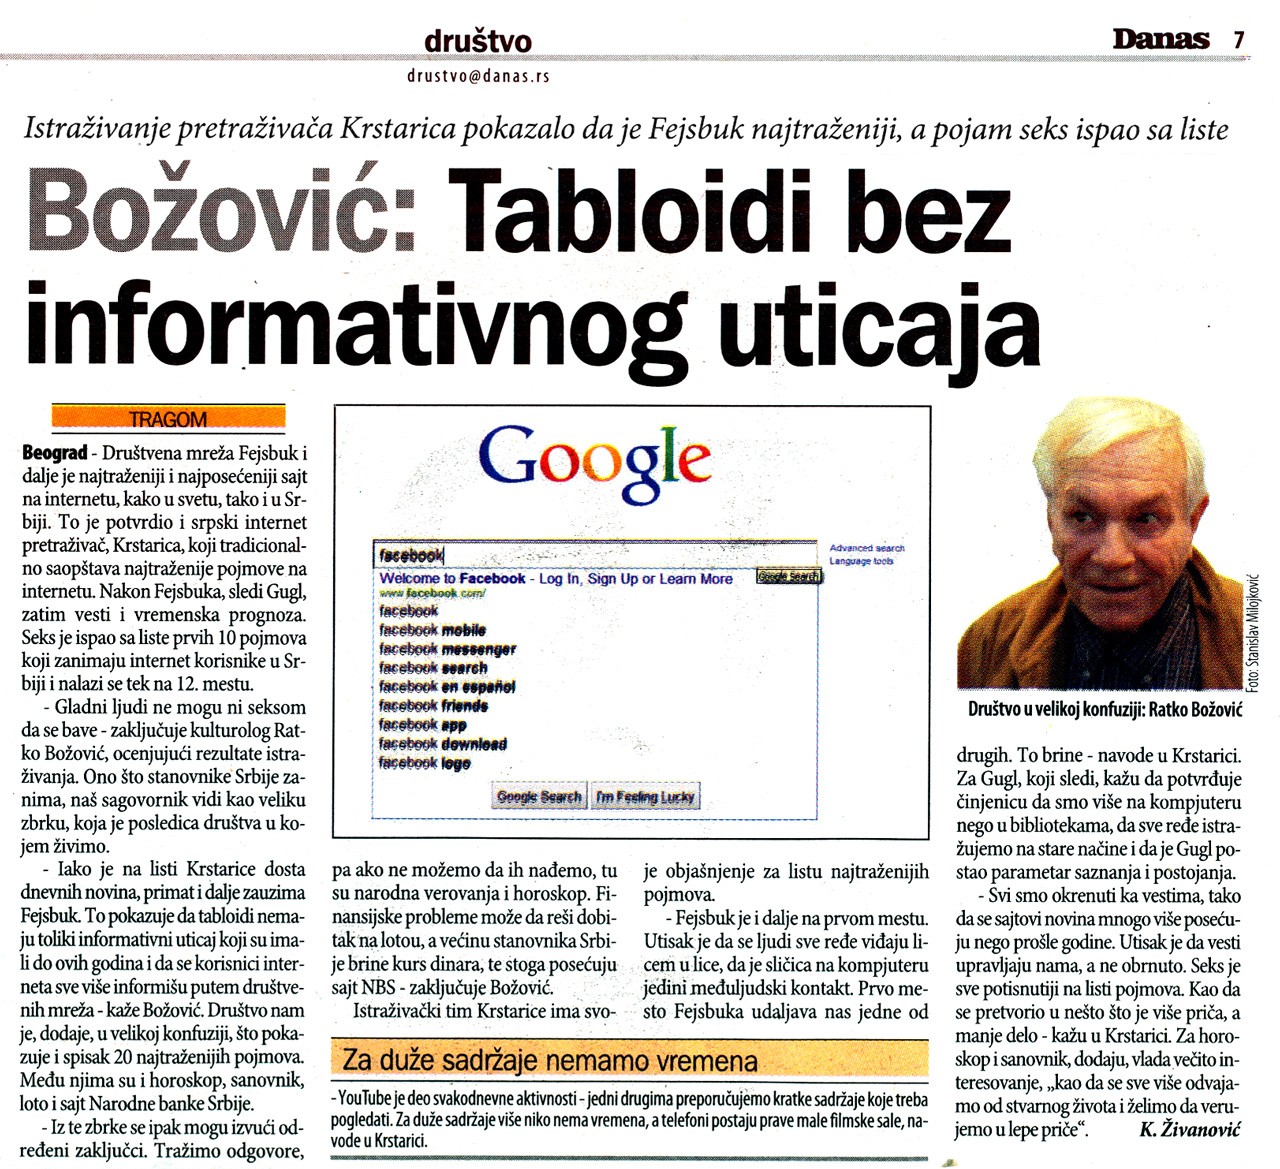 Božović: Tabloidi bez informativnog uticaja